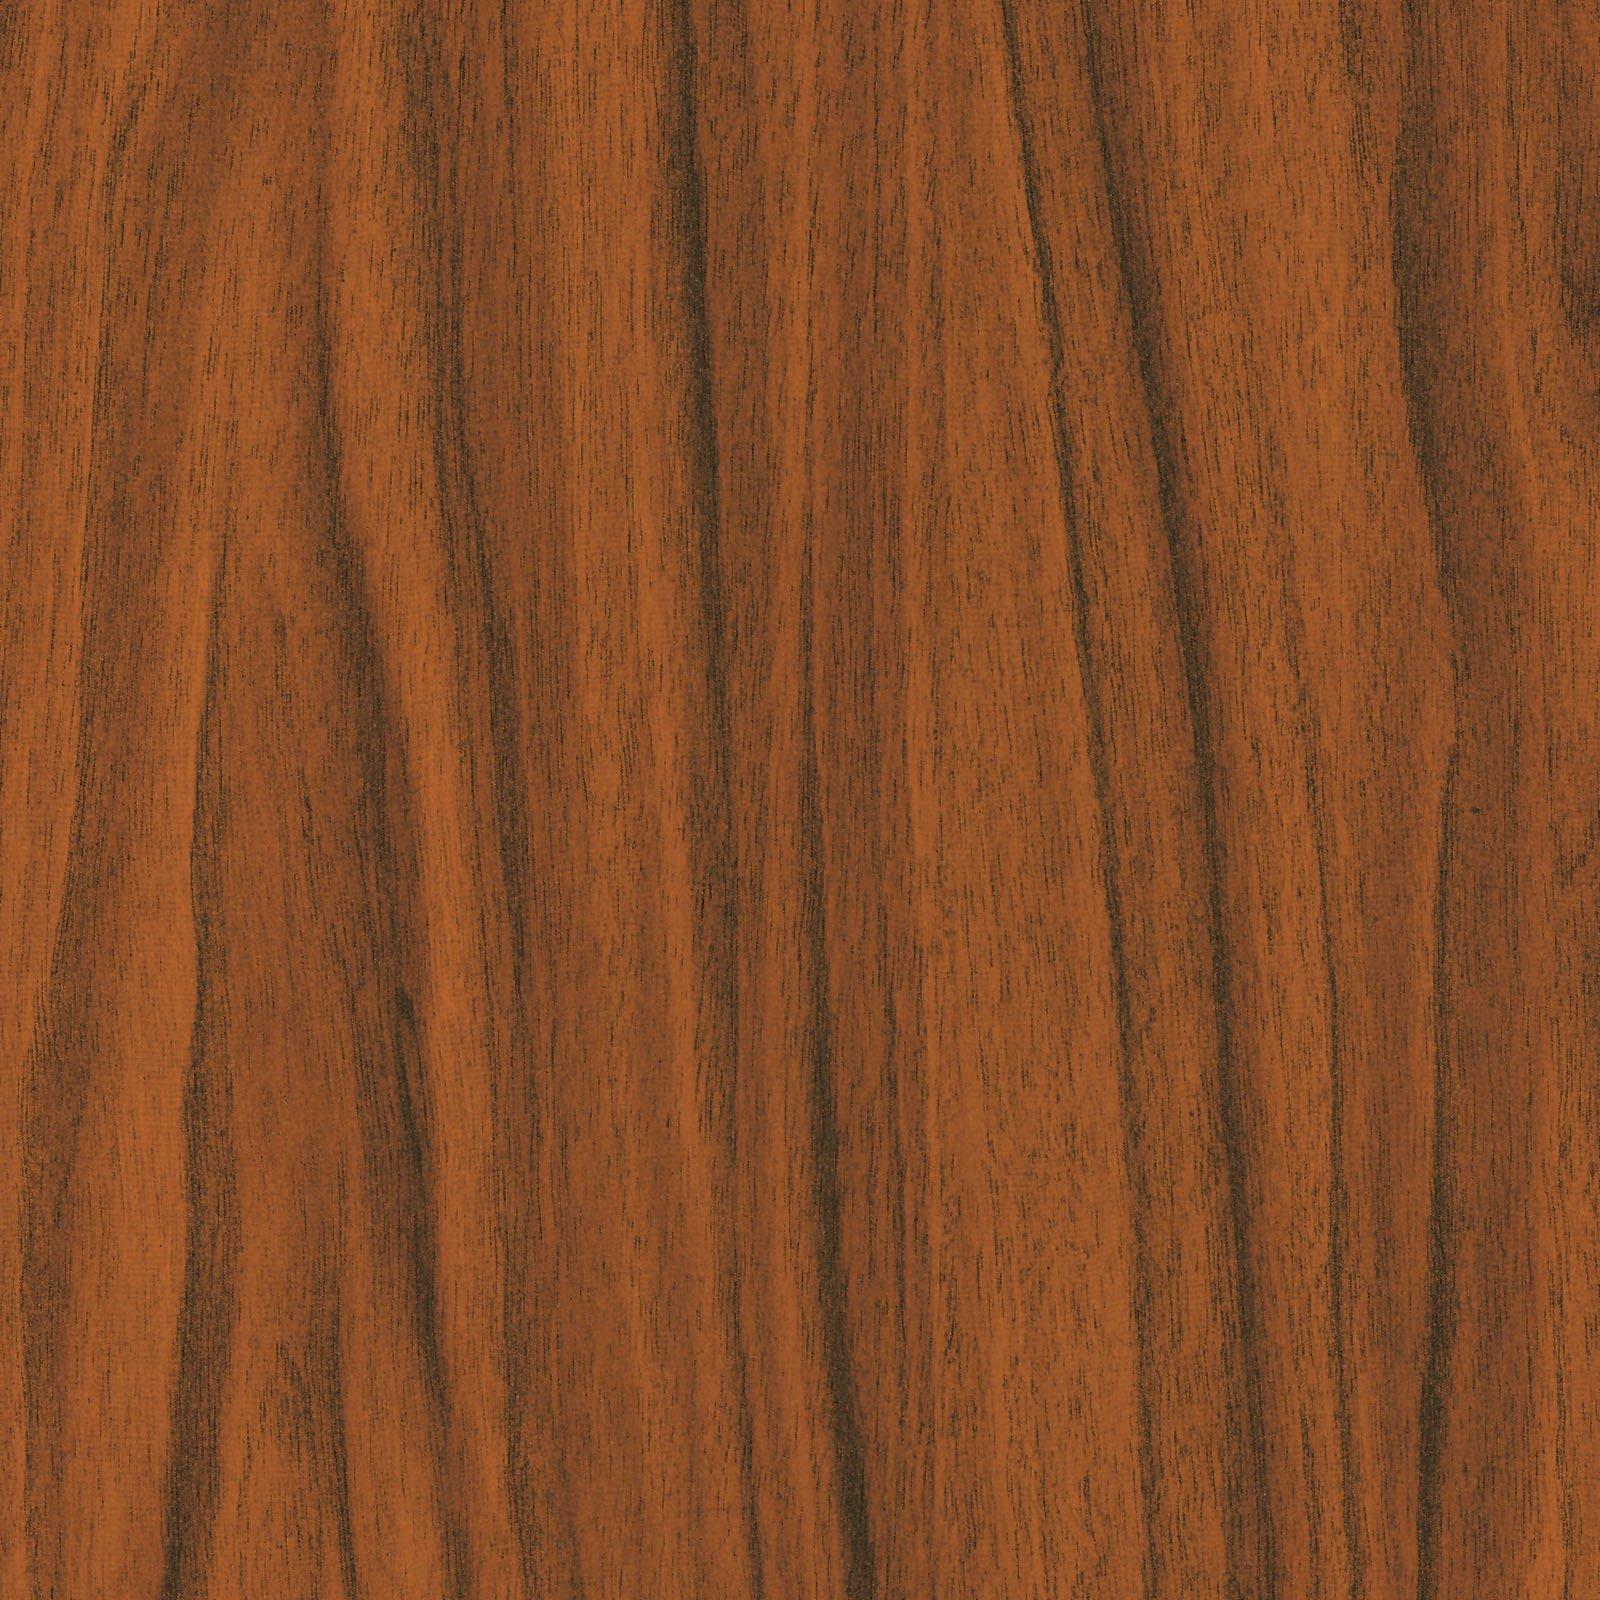 D c fix klebefolie braun nussbaum 67 5x200 cm for Klebefolie dekor